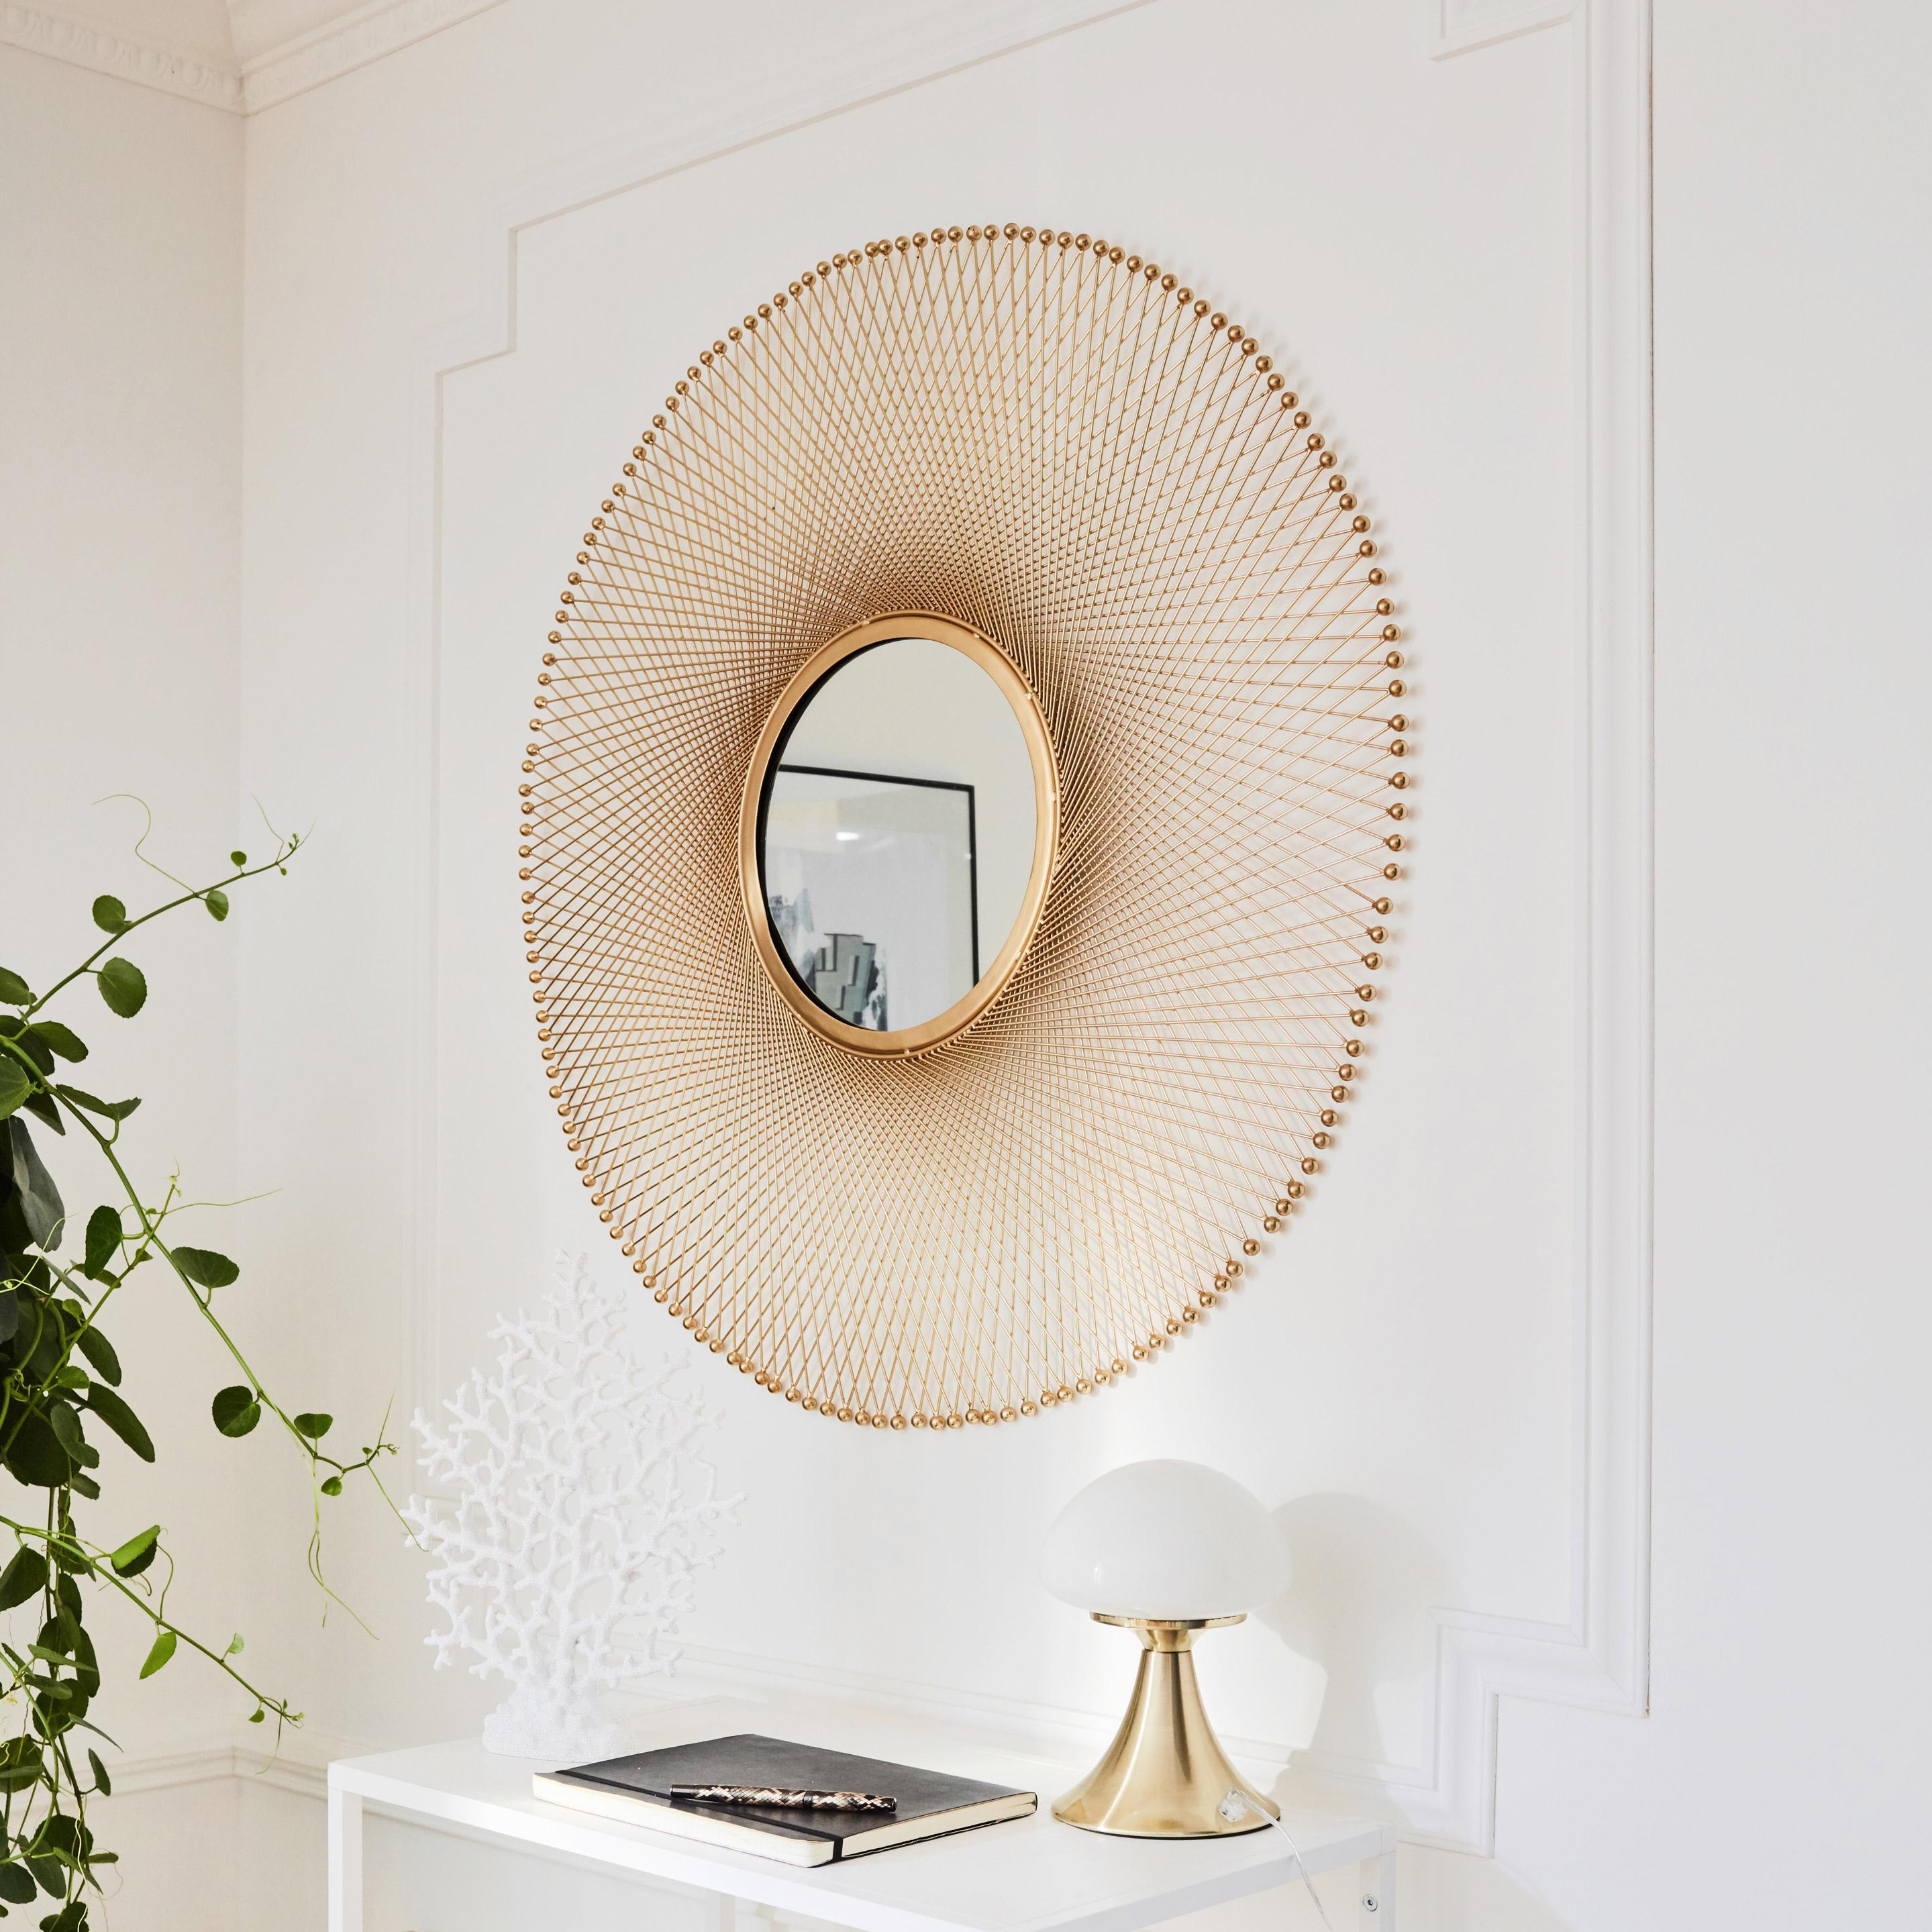 Miroir rond Chic, dorée, D 30 cm